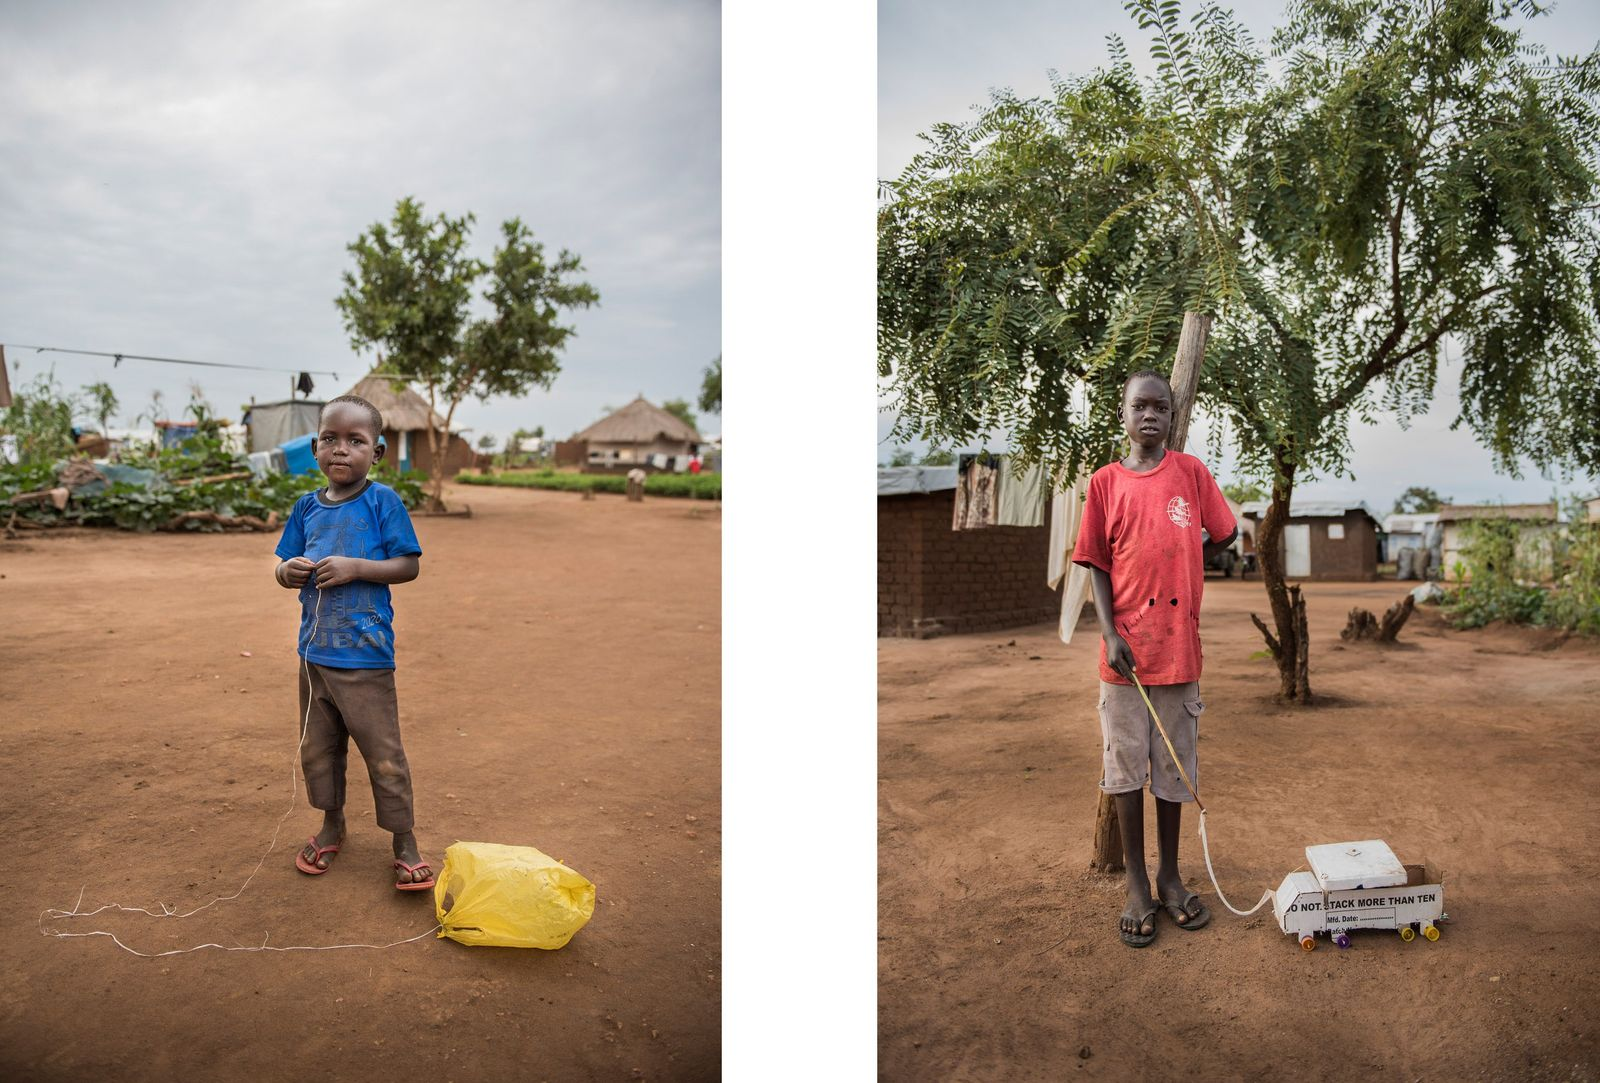 Esquerda: Um menino a brincar com um saco de plástico atado a um cordel.  Direita: ...